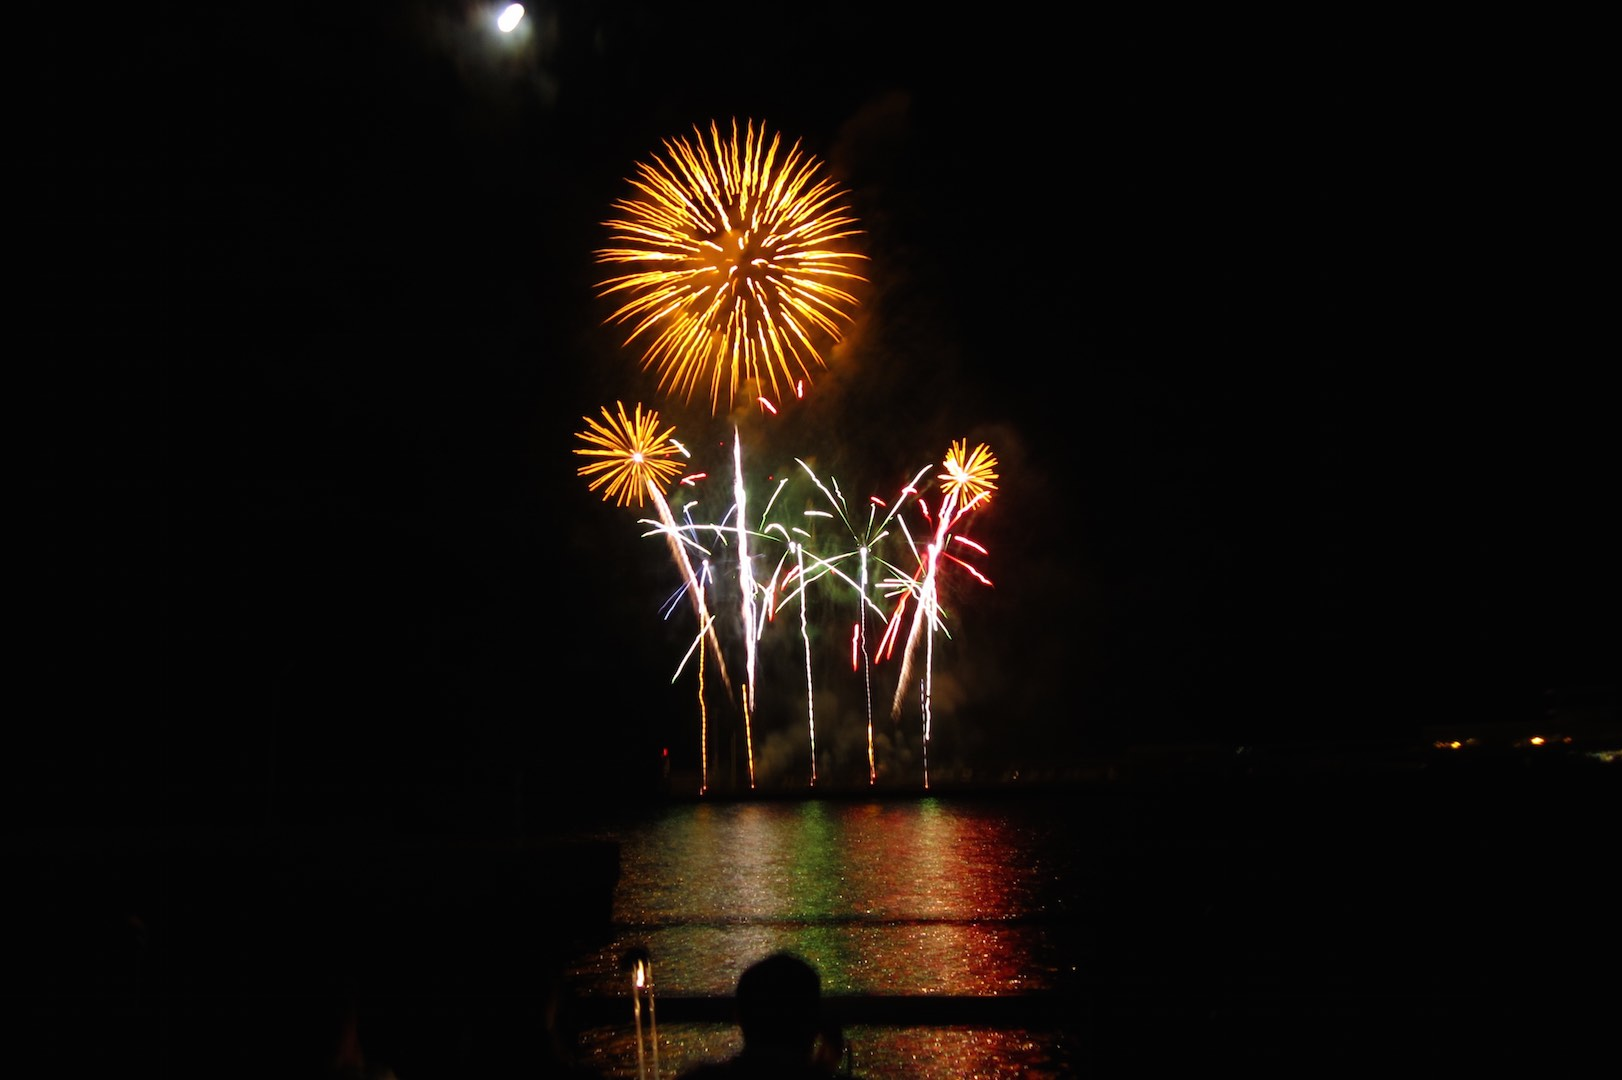 El Festival del Atlántico, espectáculo musical de fuegos artificiales en la bahía de Funchal